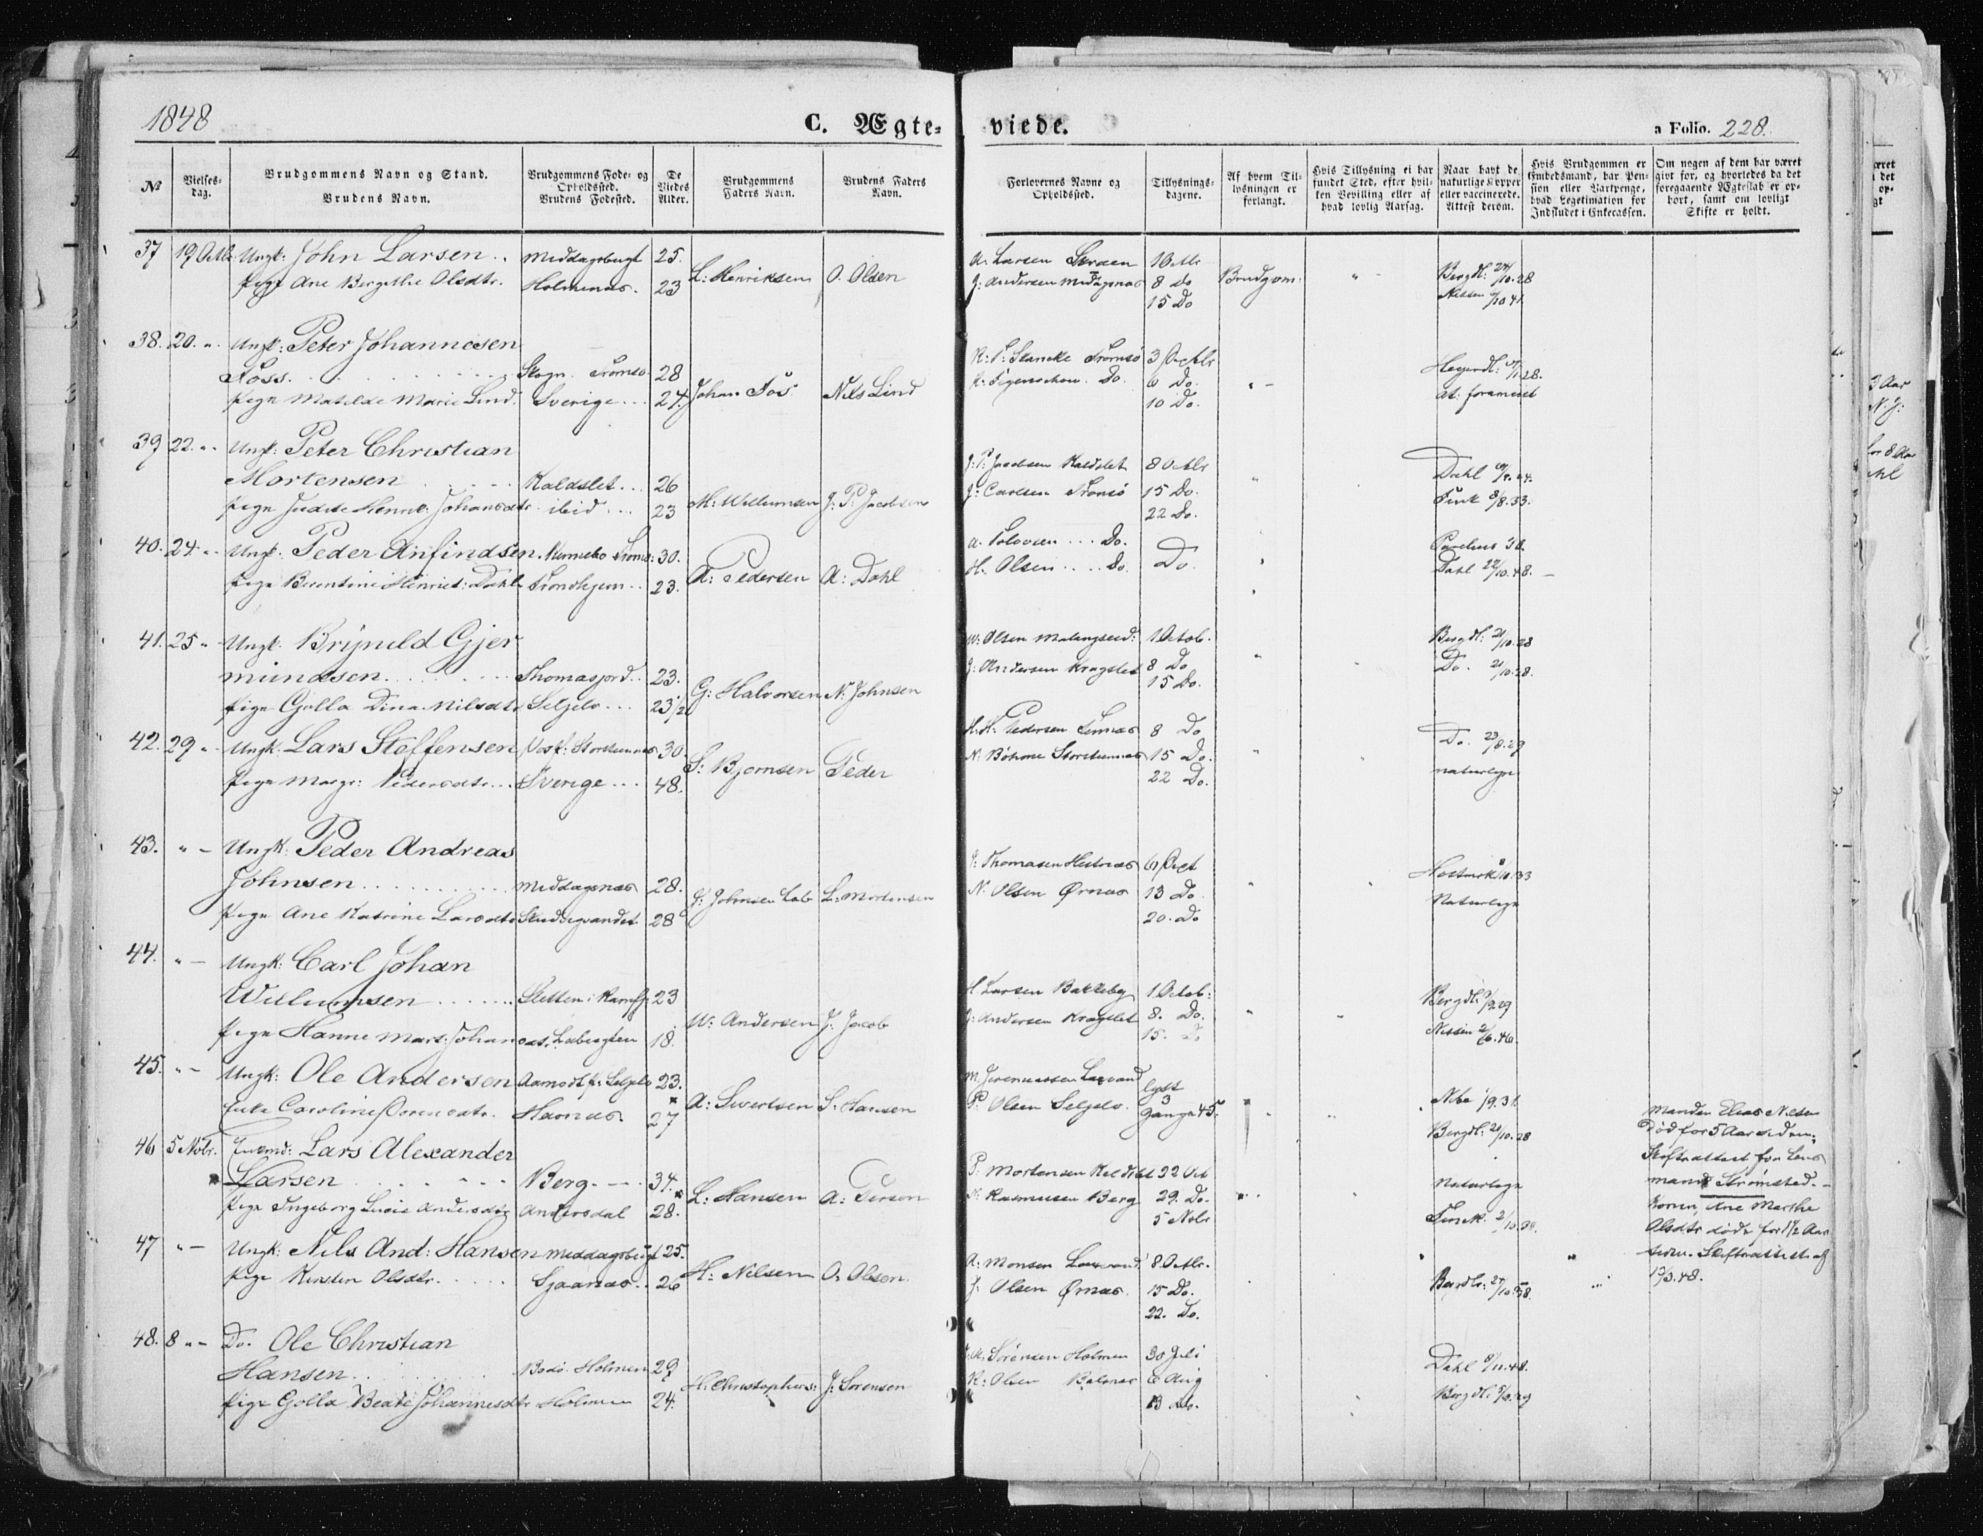 SATØ, Tromsø sokneprestkontor/stiftsprosti/domprosti, G/Ga/L0010kirke: Ministerialbok nr. 10, 1848-1855, s. 228